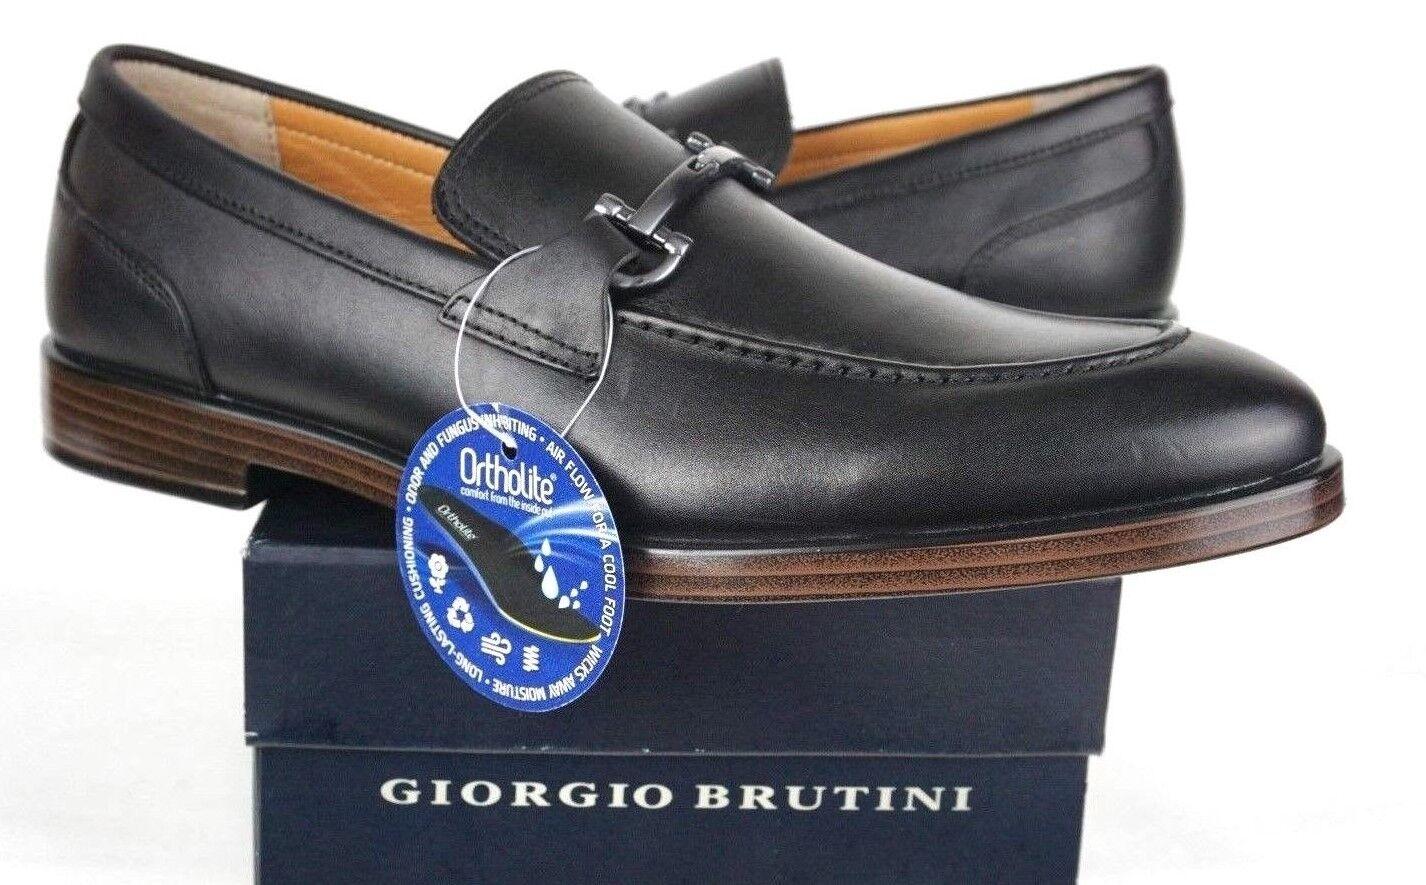 Giorgio Brutini Men's Sullivan Moc Toe Slip On shoes 177161 Black- Mens Sz 11M US